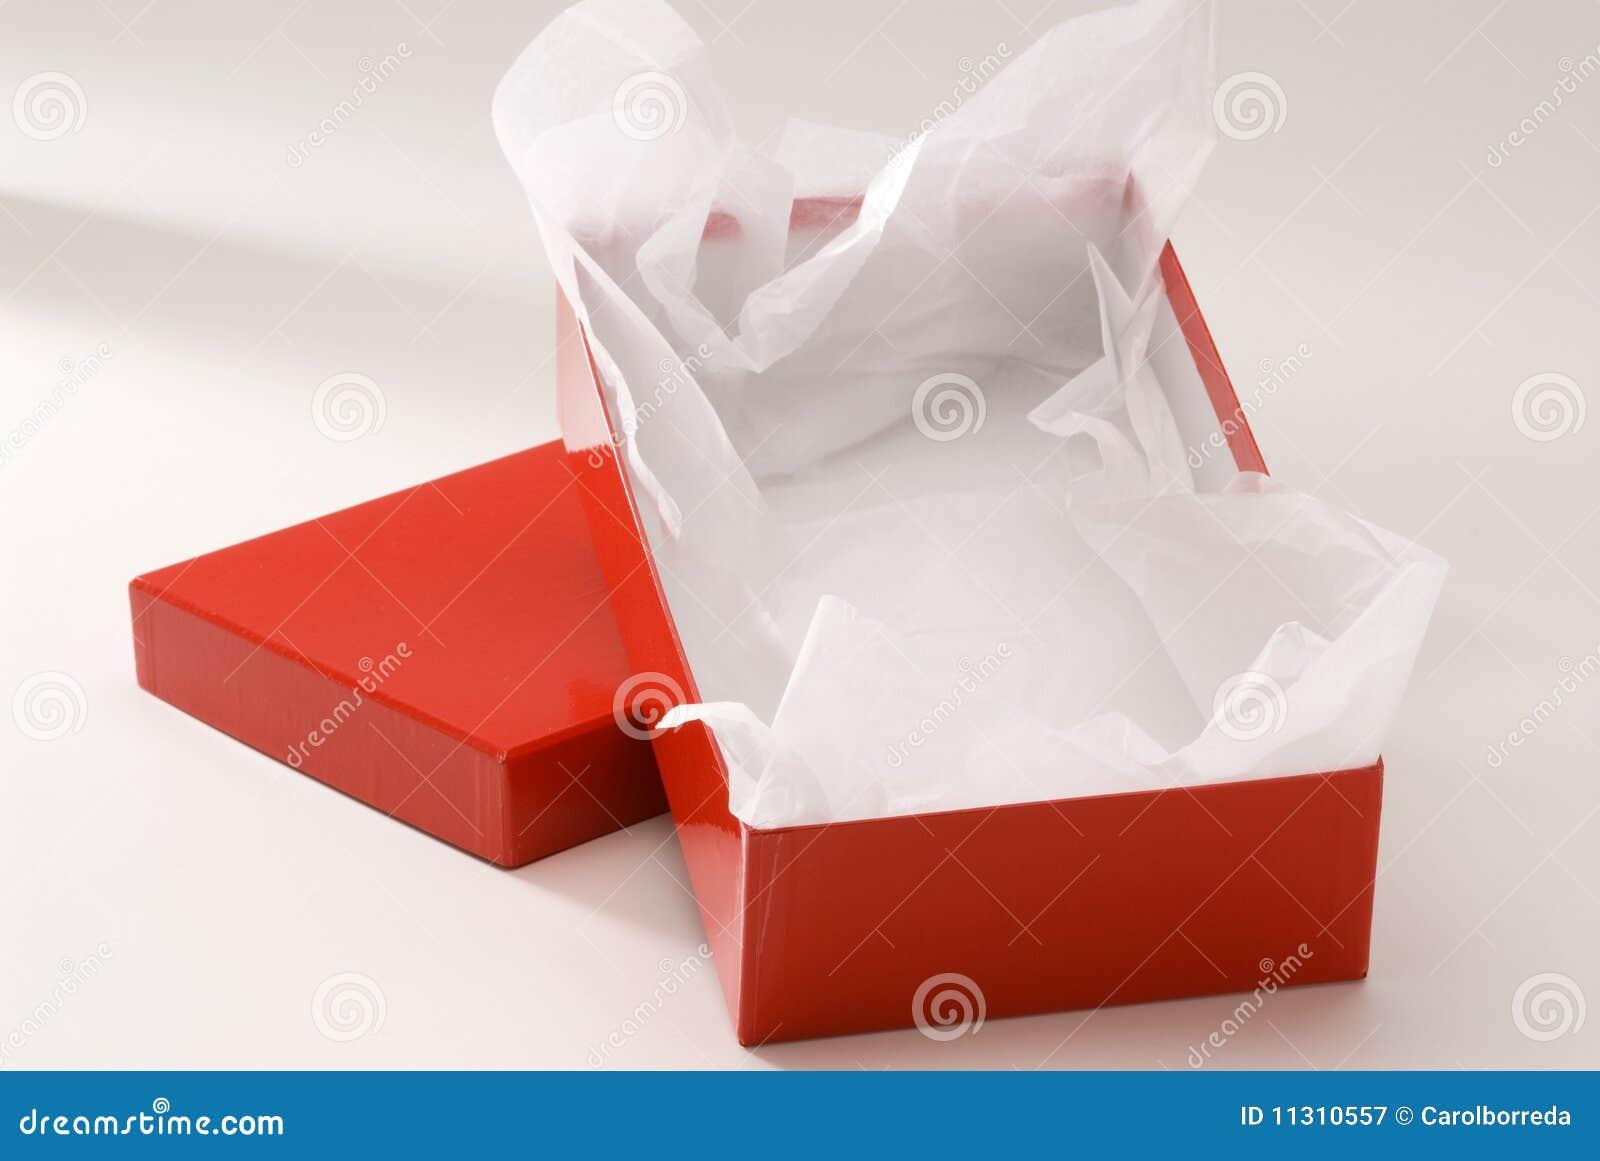 Roter Geschenkkasten.